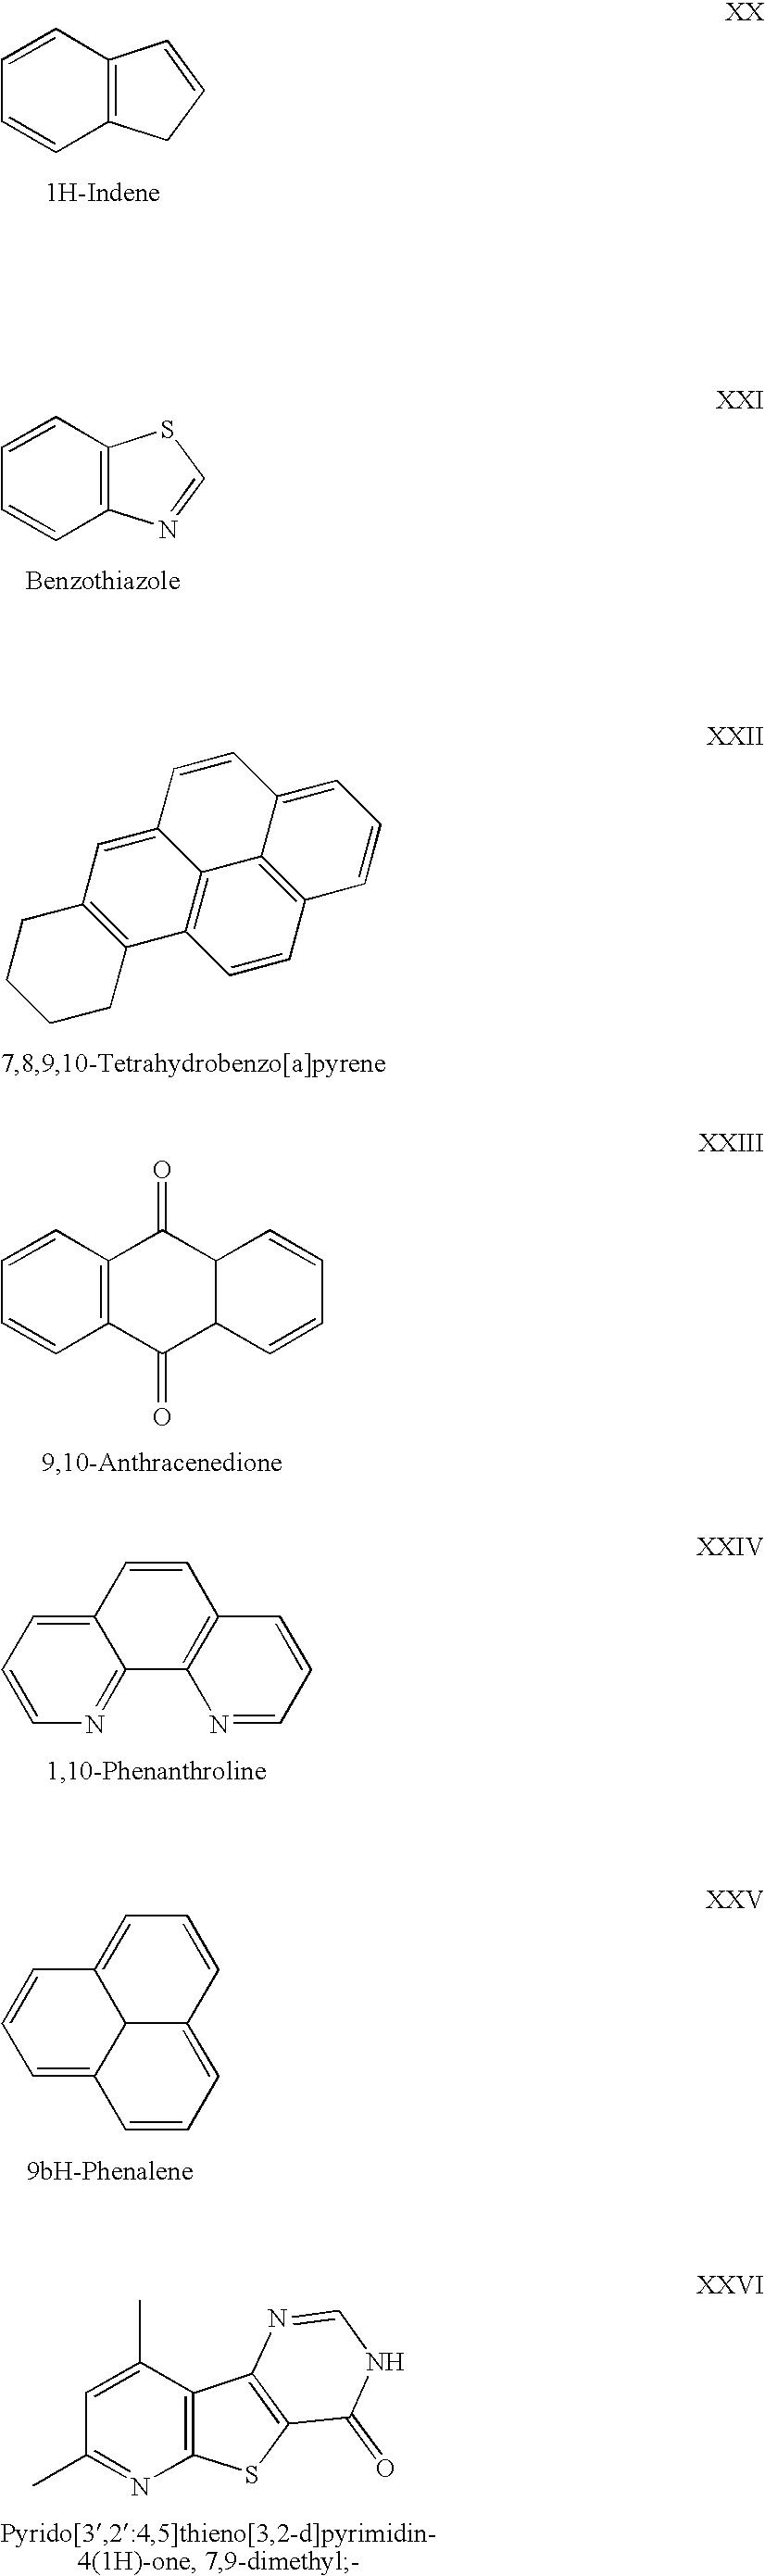 Figure US20060014144A1-20060119-C00067